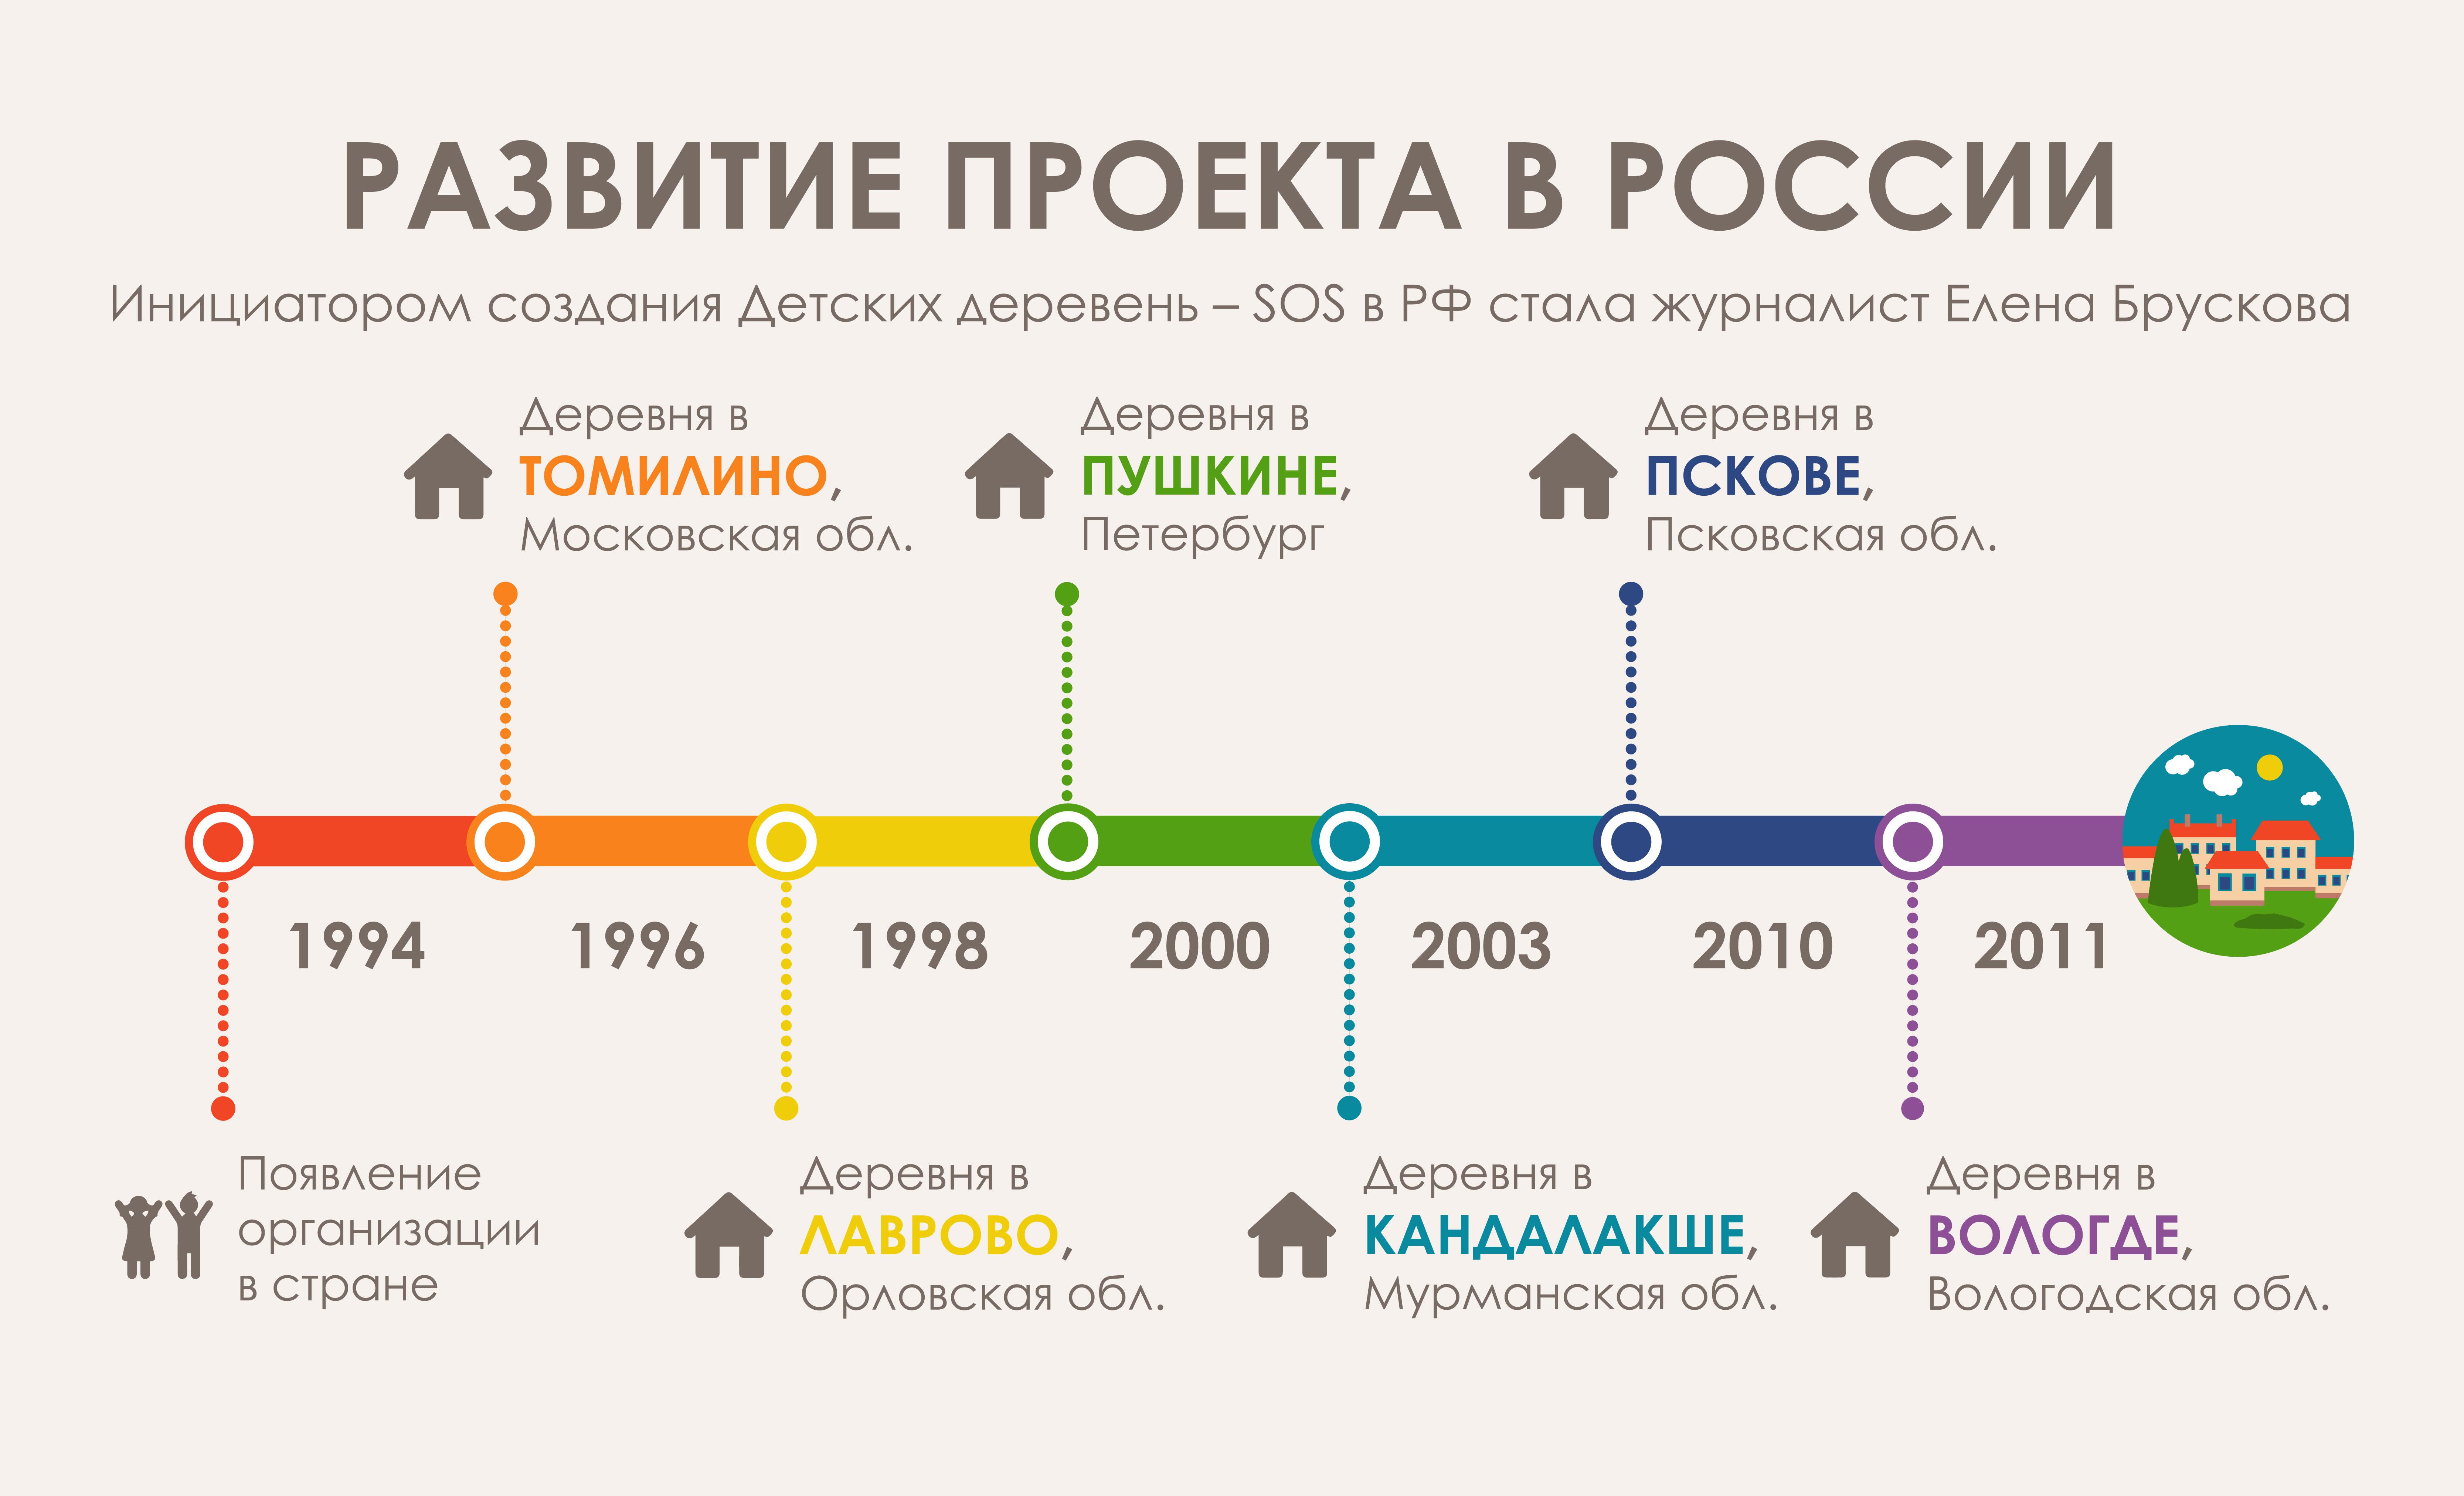 инфографика, ппоследний вариант1